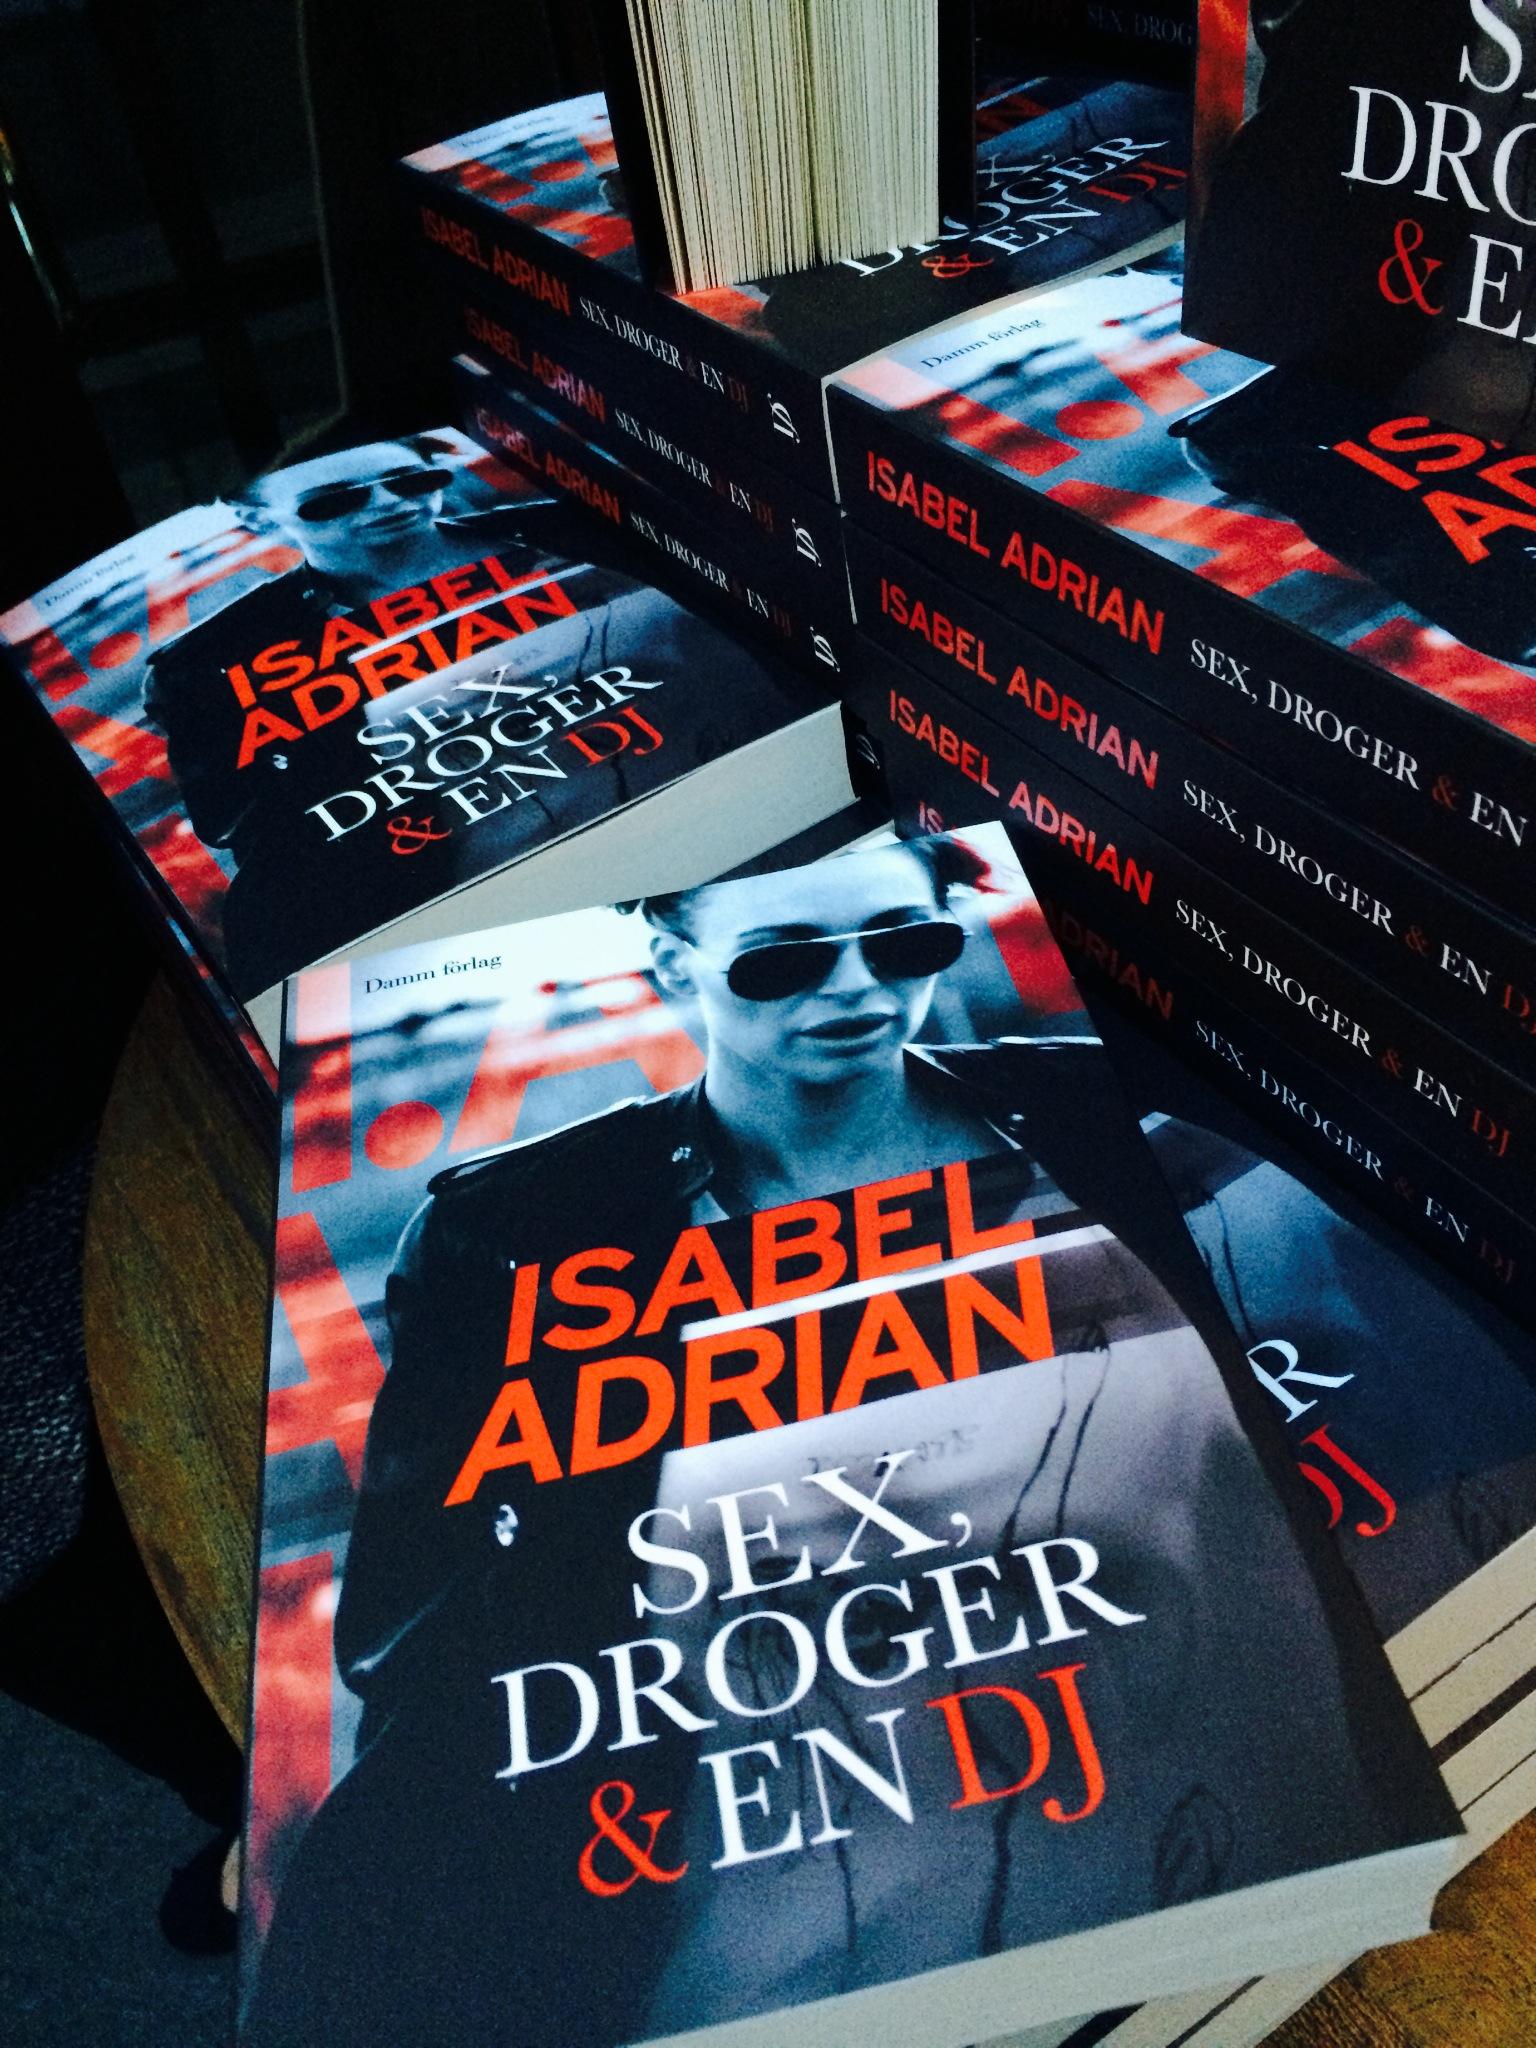 Adrians bok. Ska genast läsas!